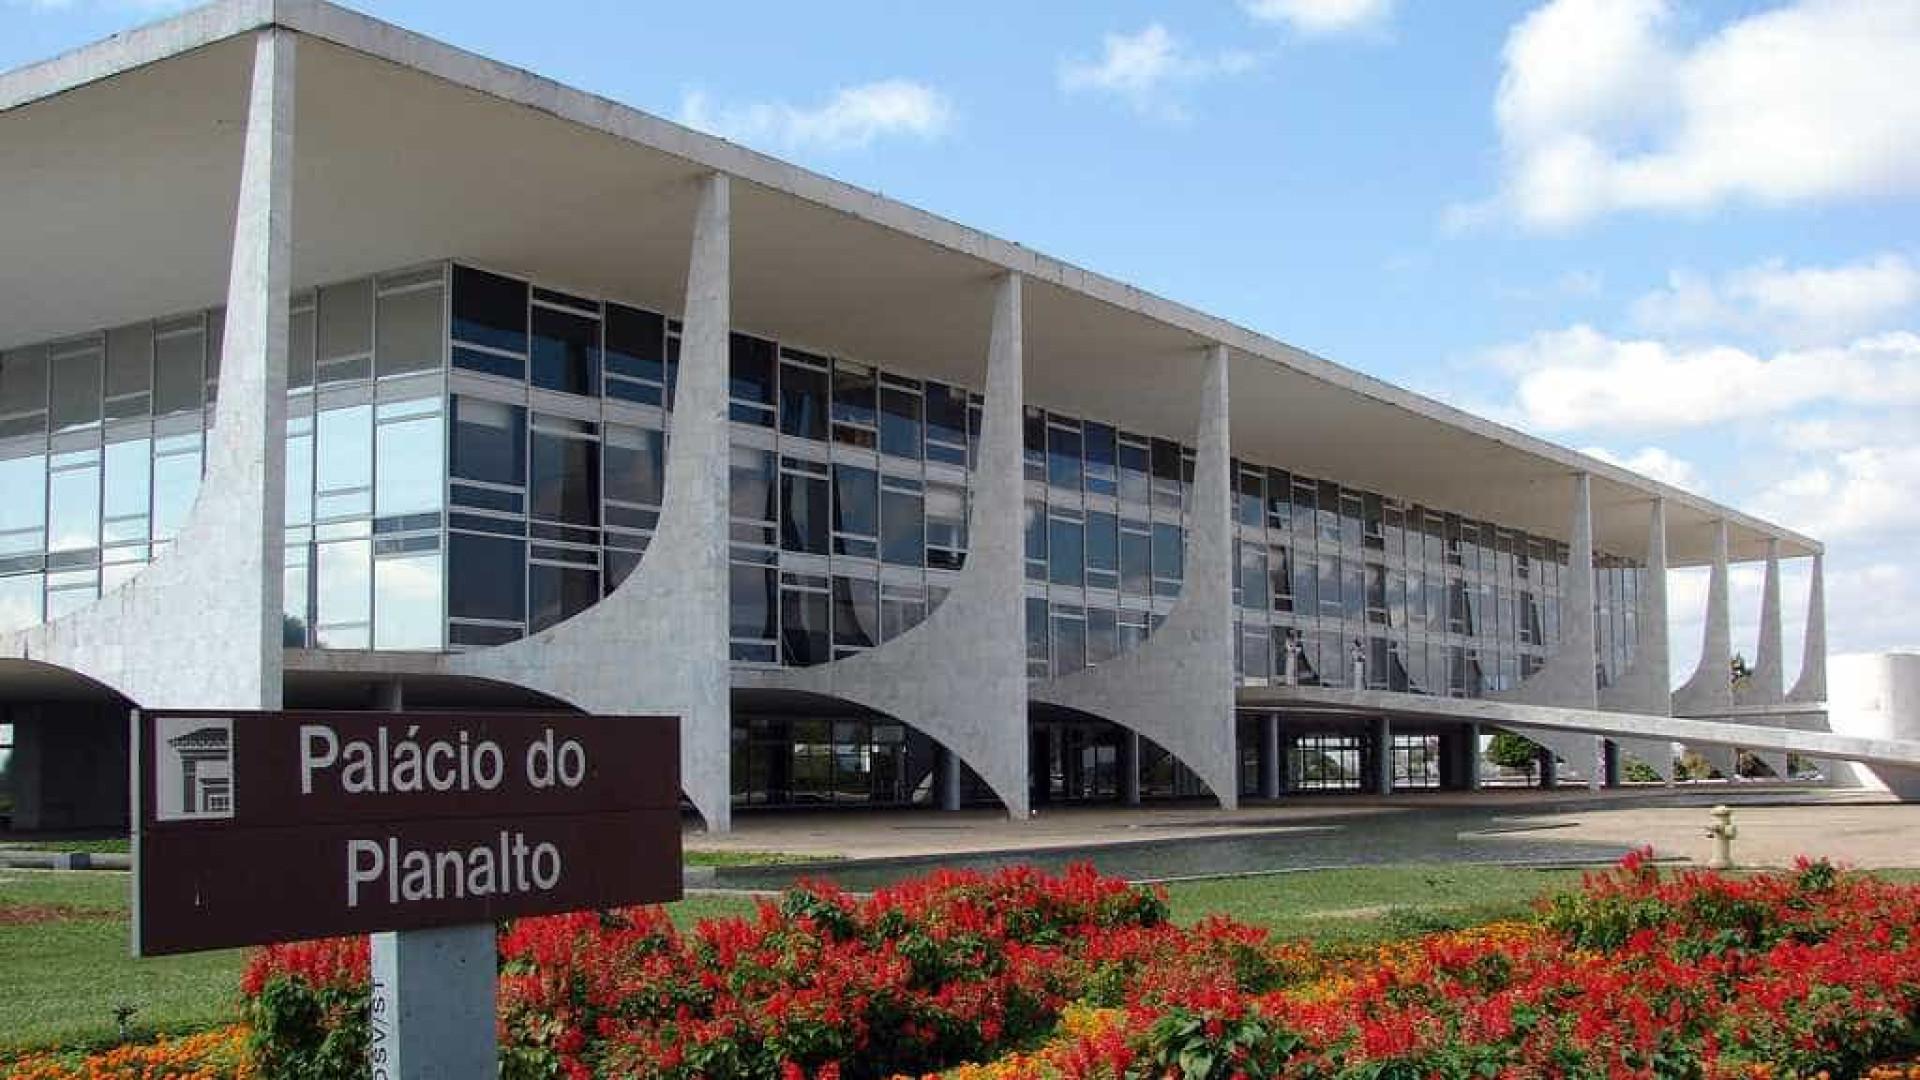 Brasil: Palácio do Planalto já registou 460 casos de Covid-19